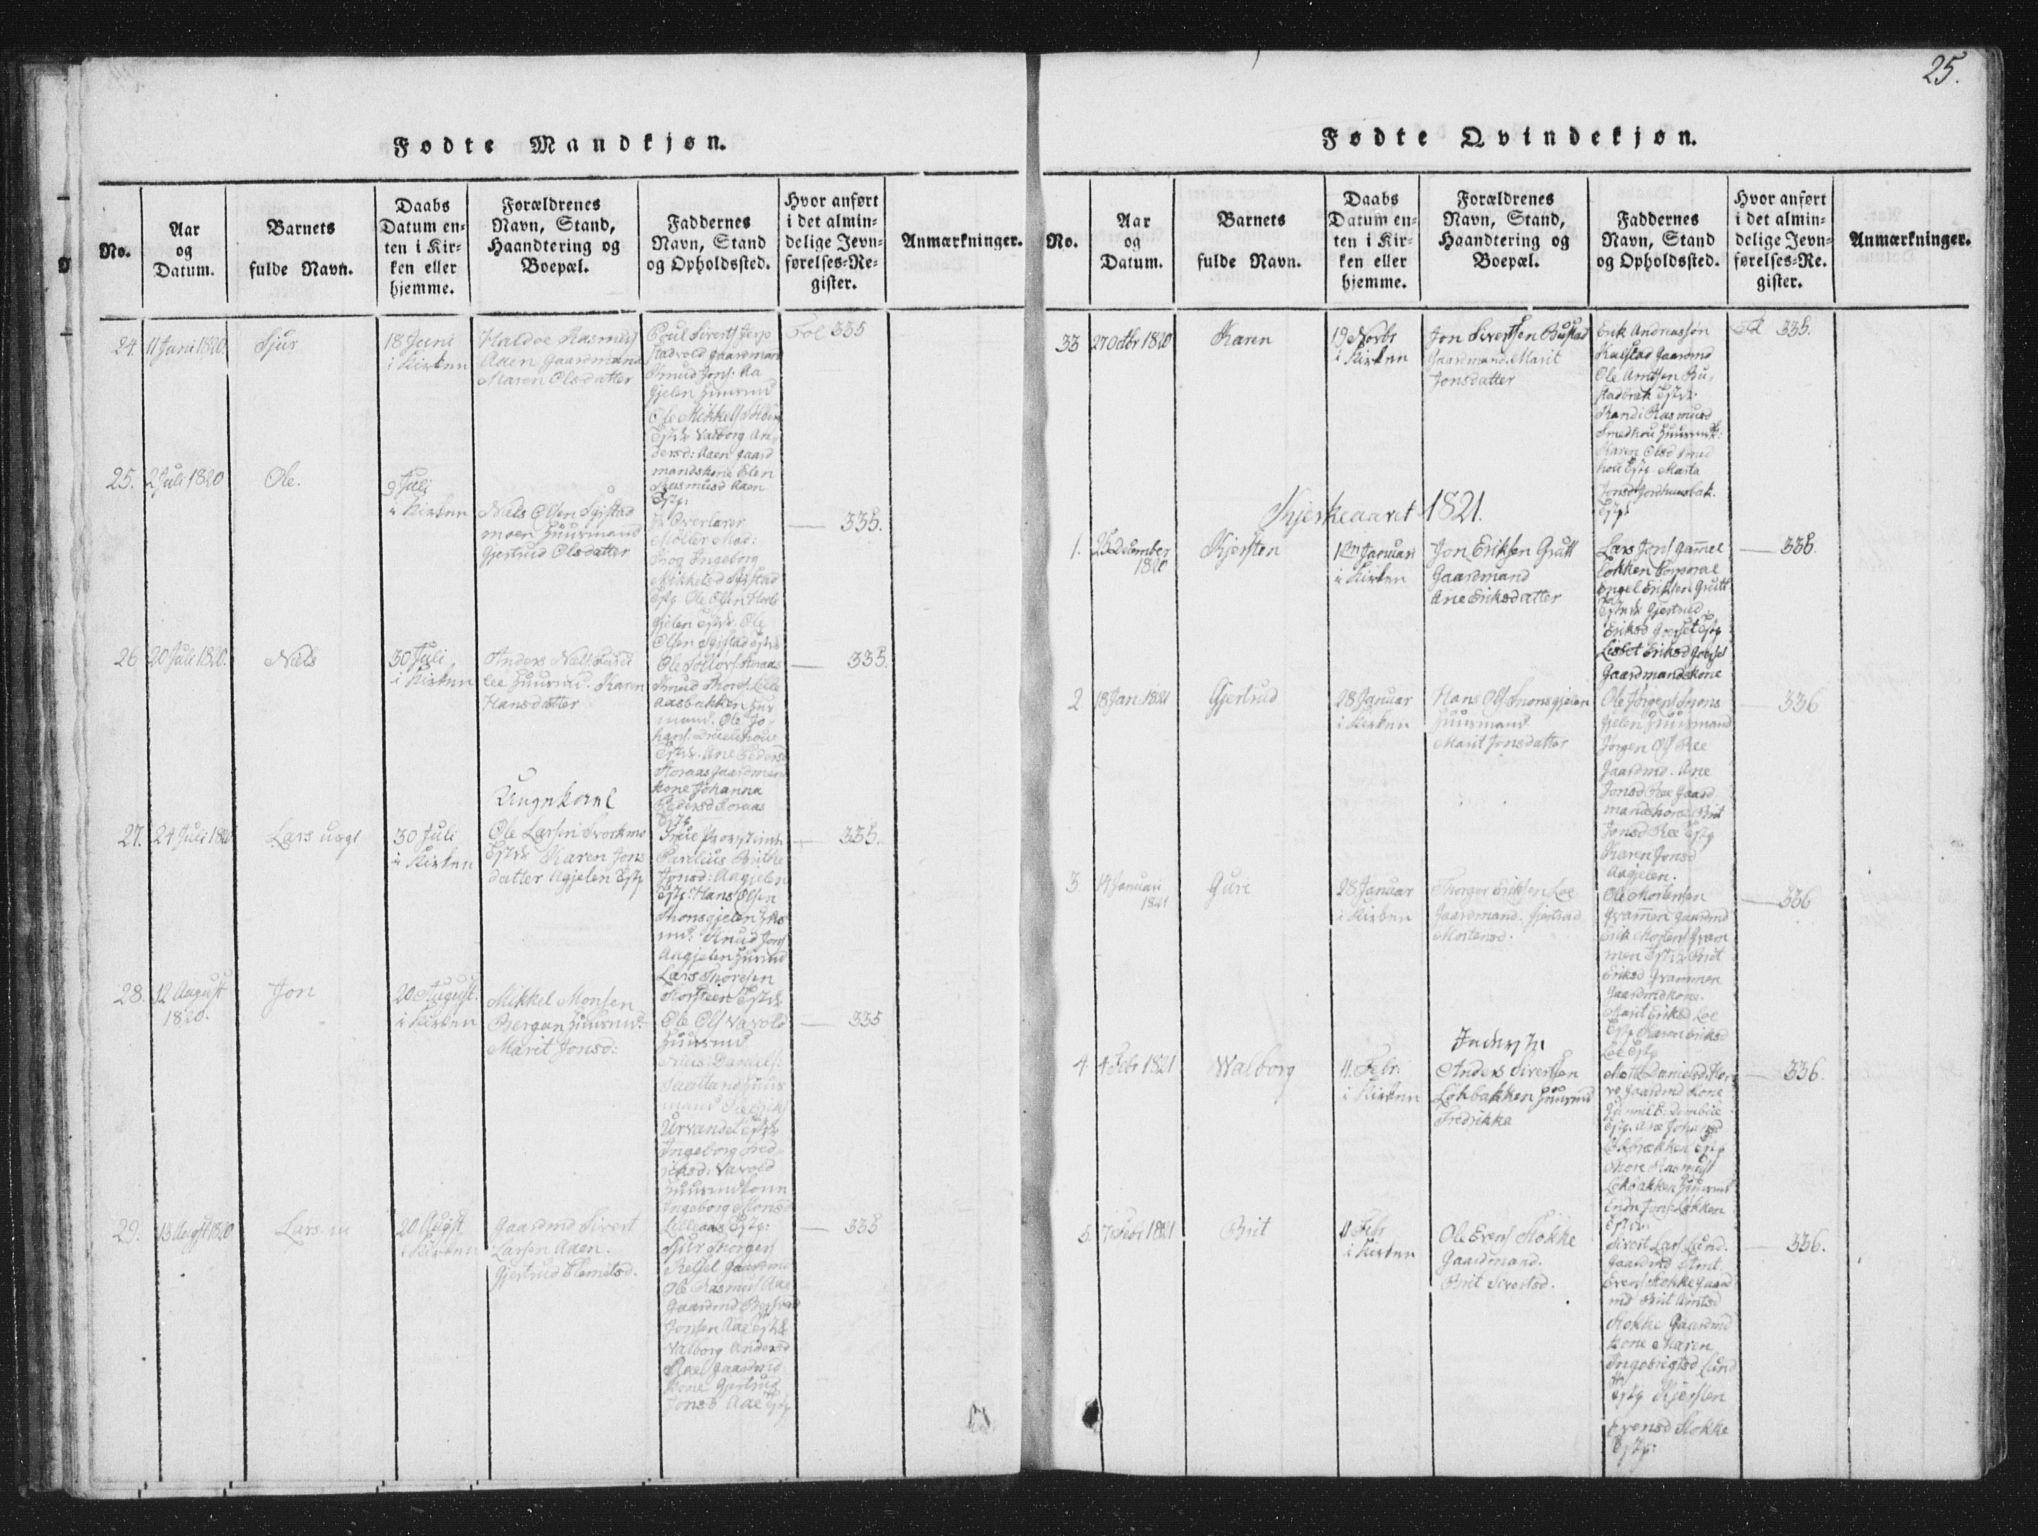 SAT, Ministerialprotokoller, klokkerbøker og fødselsregistre - Sør-Trøndelag, 672/L0862: Klokkerbok nr. 672C01, 1816-1831, s. 25